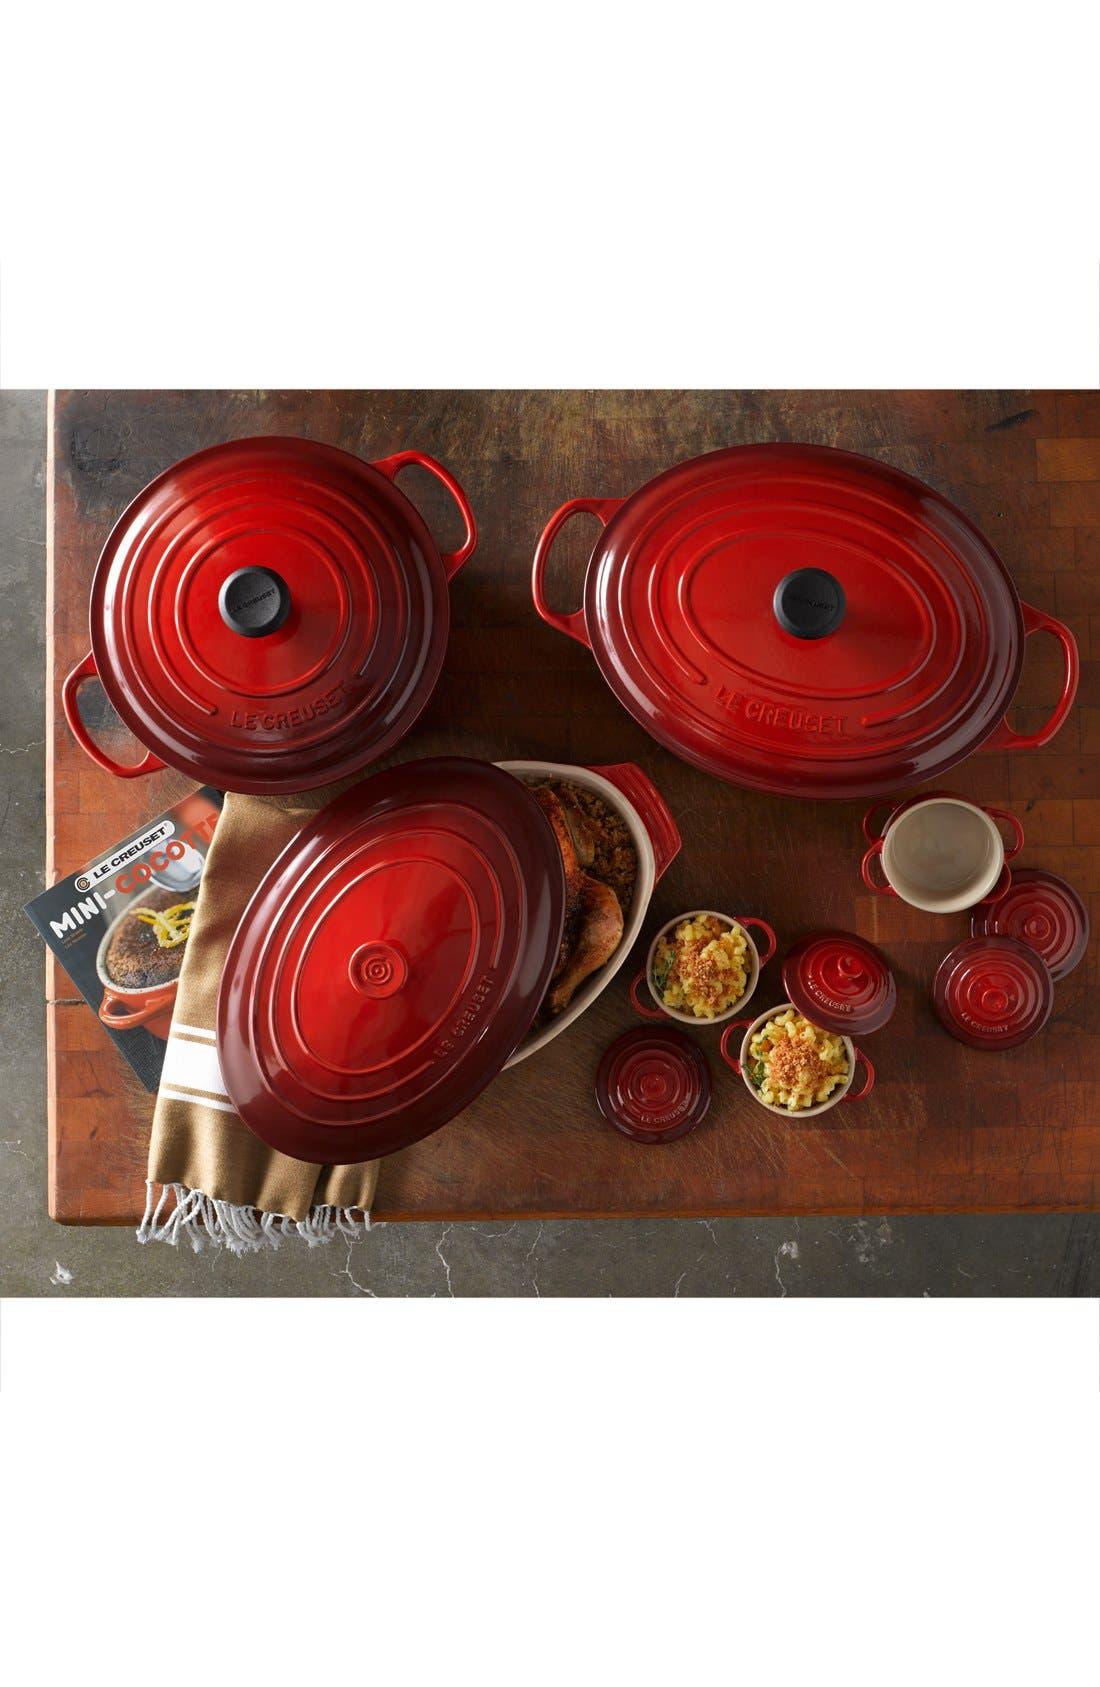 LE CREUSET, Signature 7 1/4 Quart Round Enamel Cast Iron French/Dutch Oven, Alternate thumbnail 3, color, CARIBBEAN